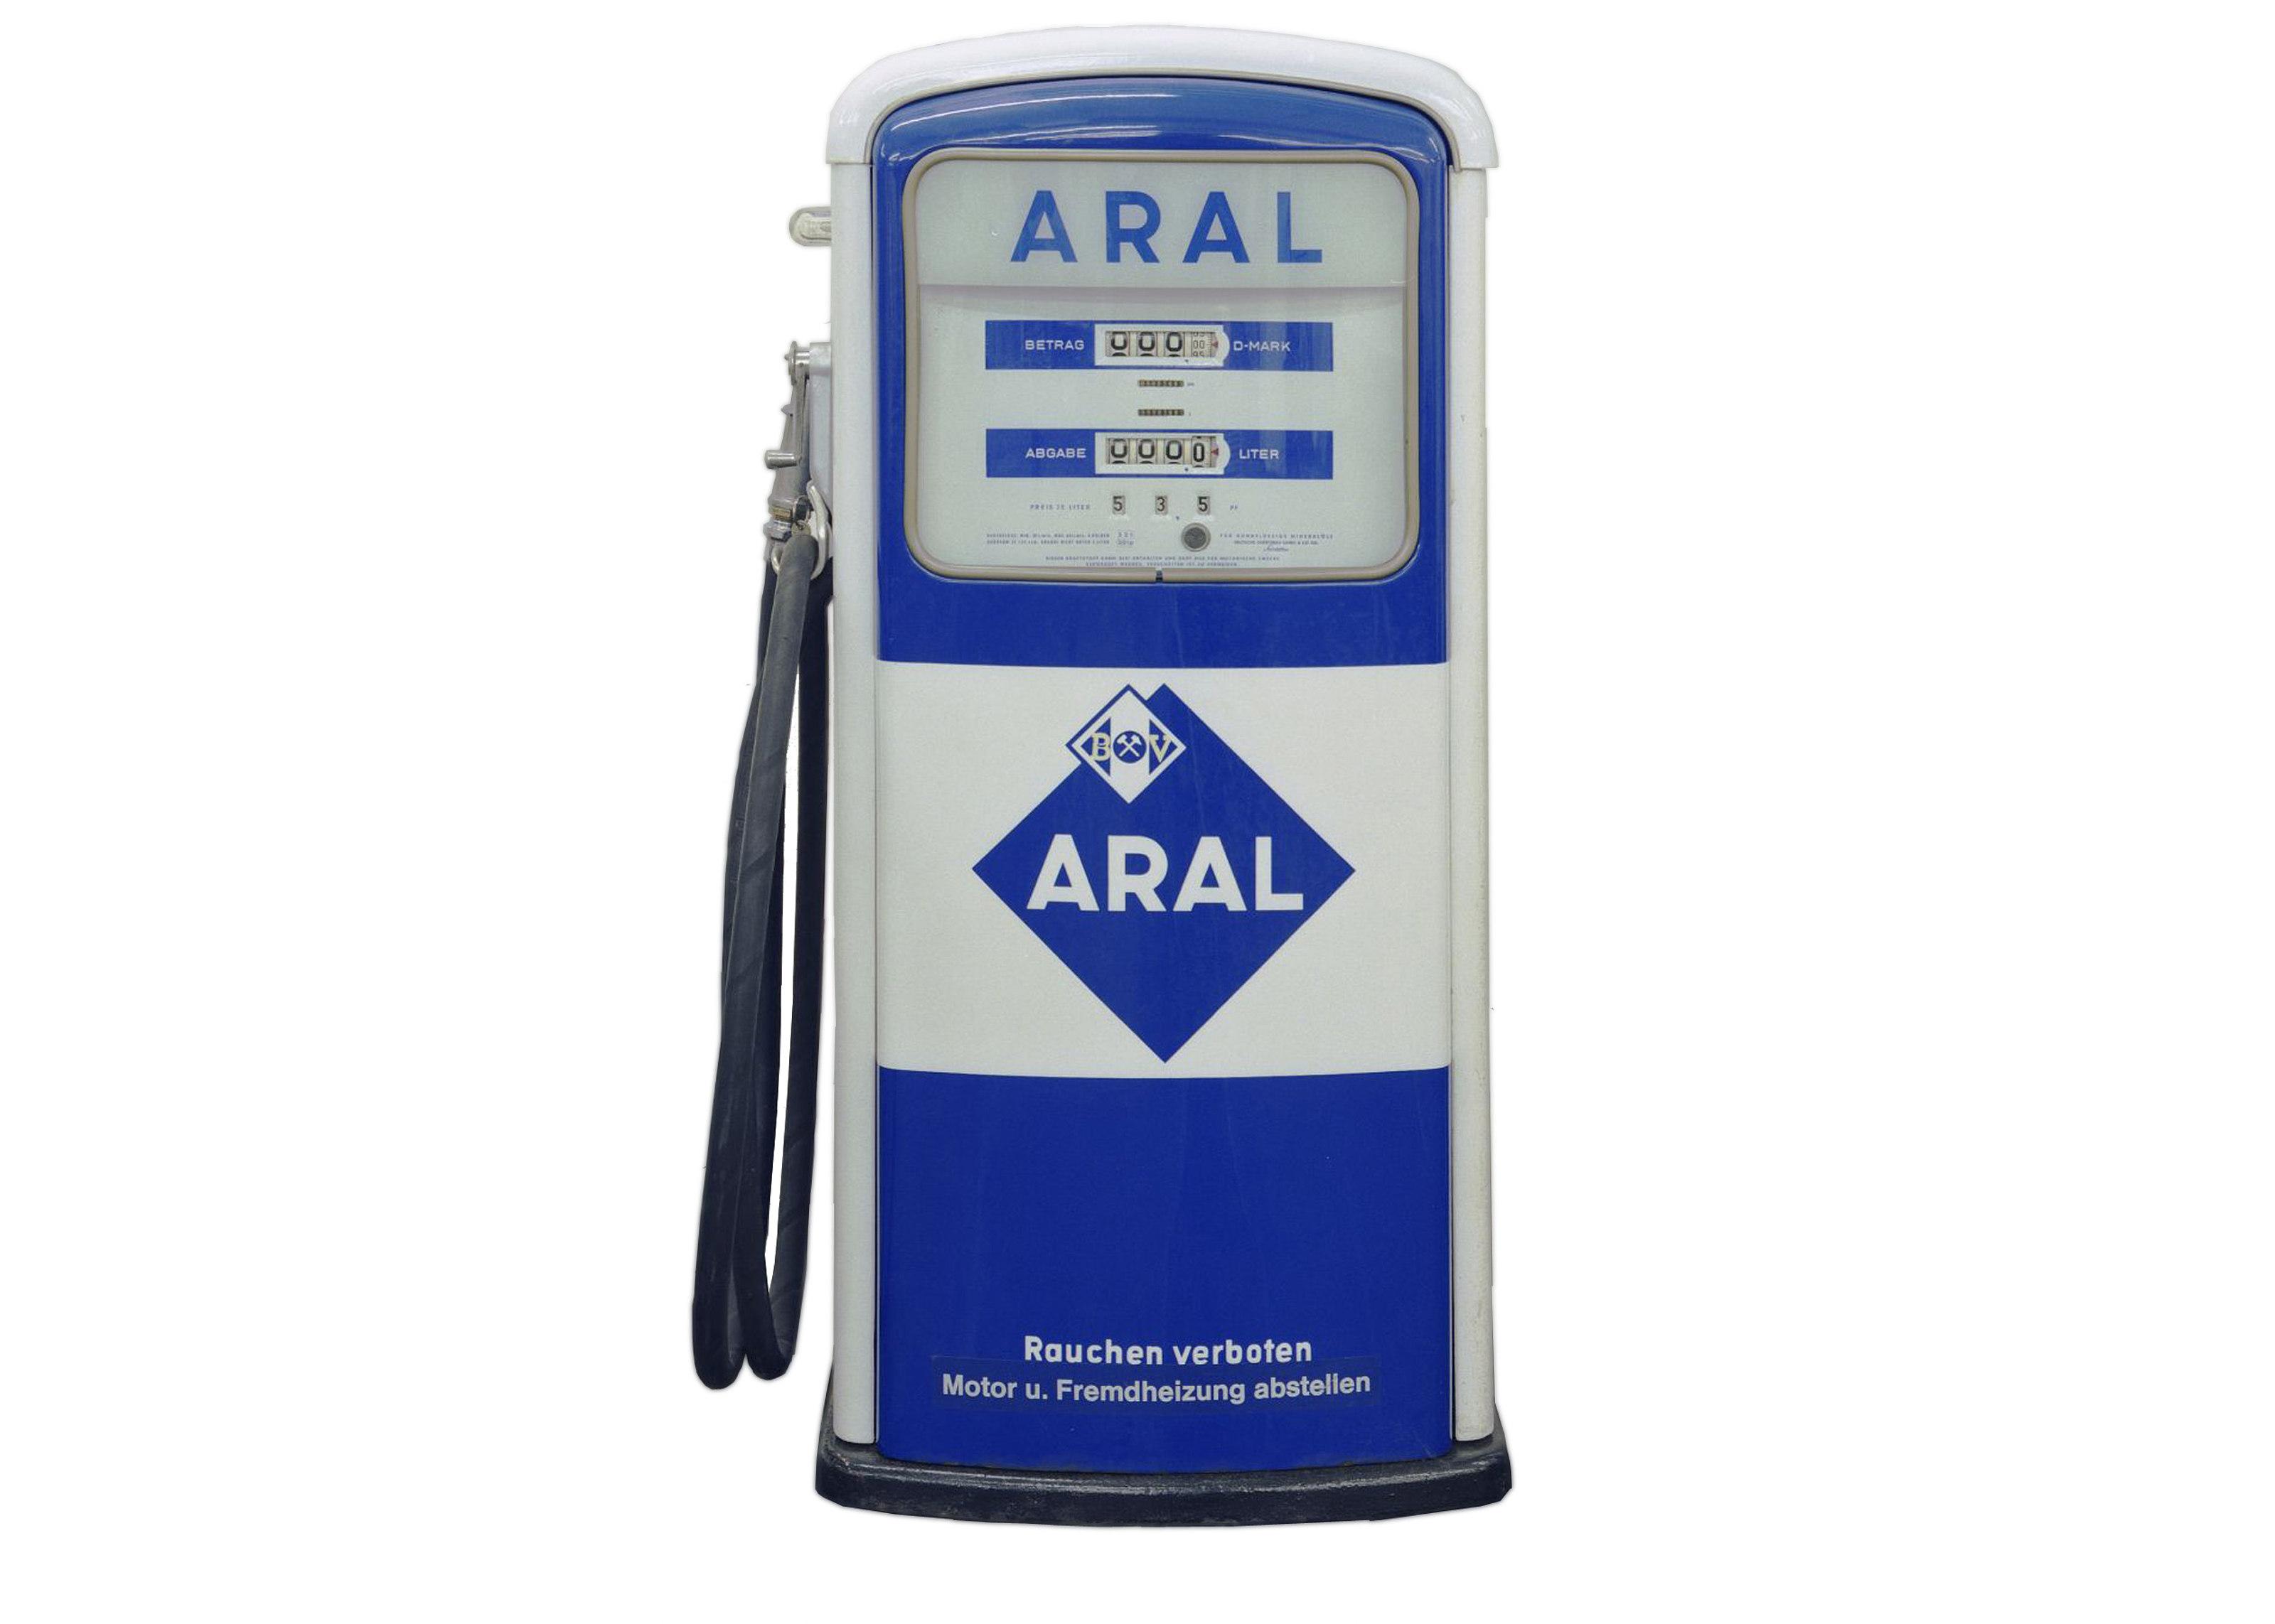 blau-weiße Tankstellen-Zapfsäule von Aral, 1958-1963